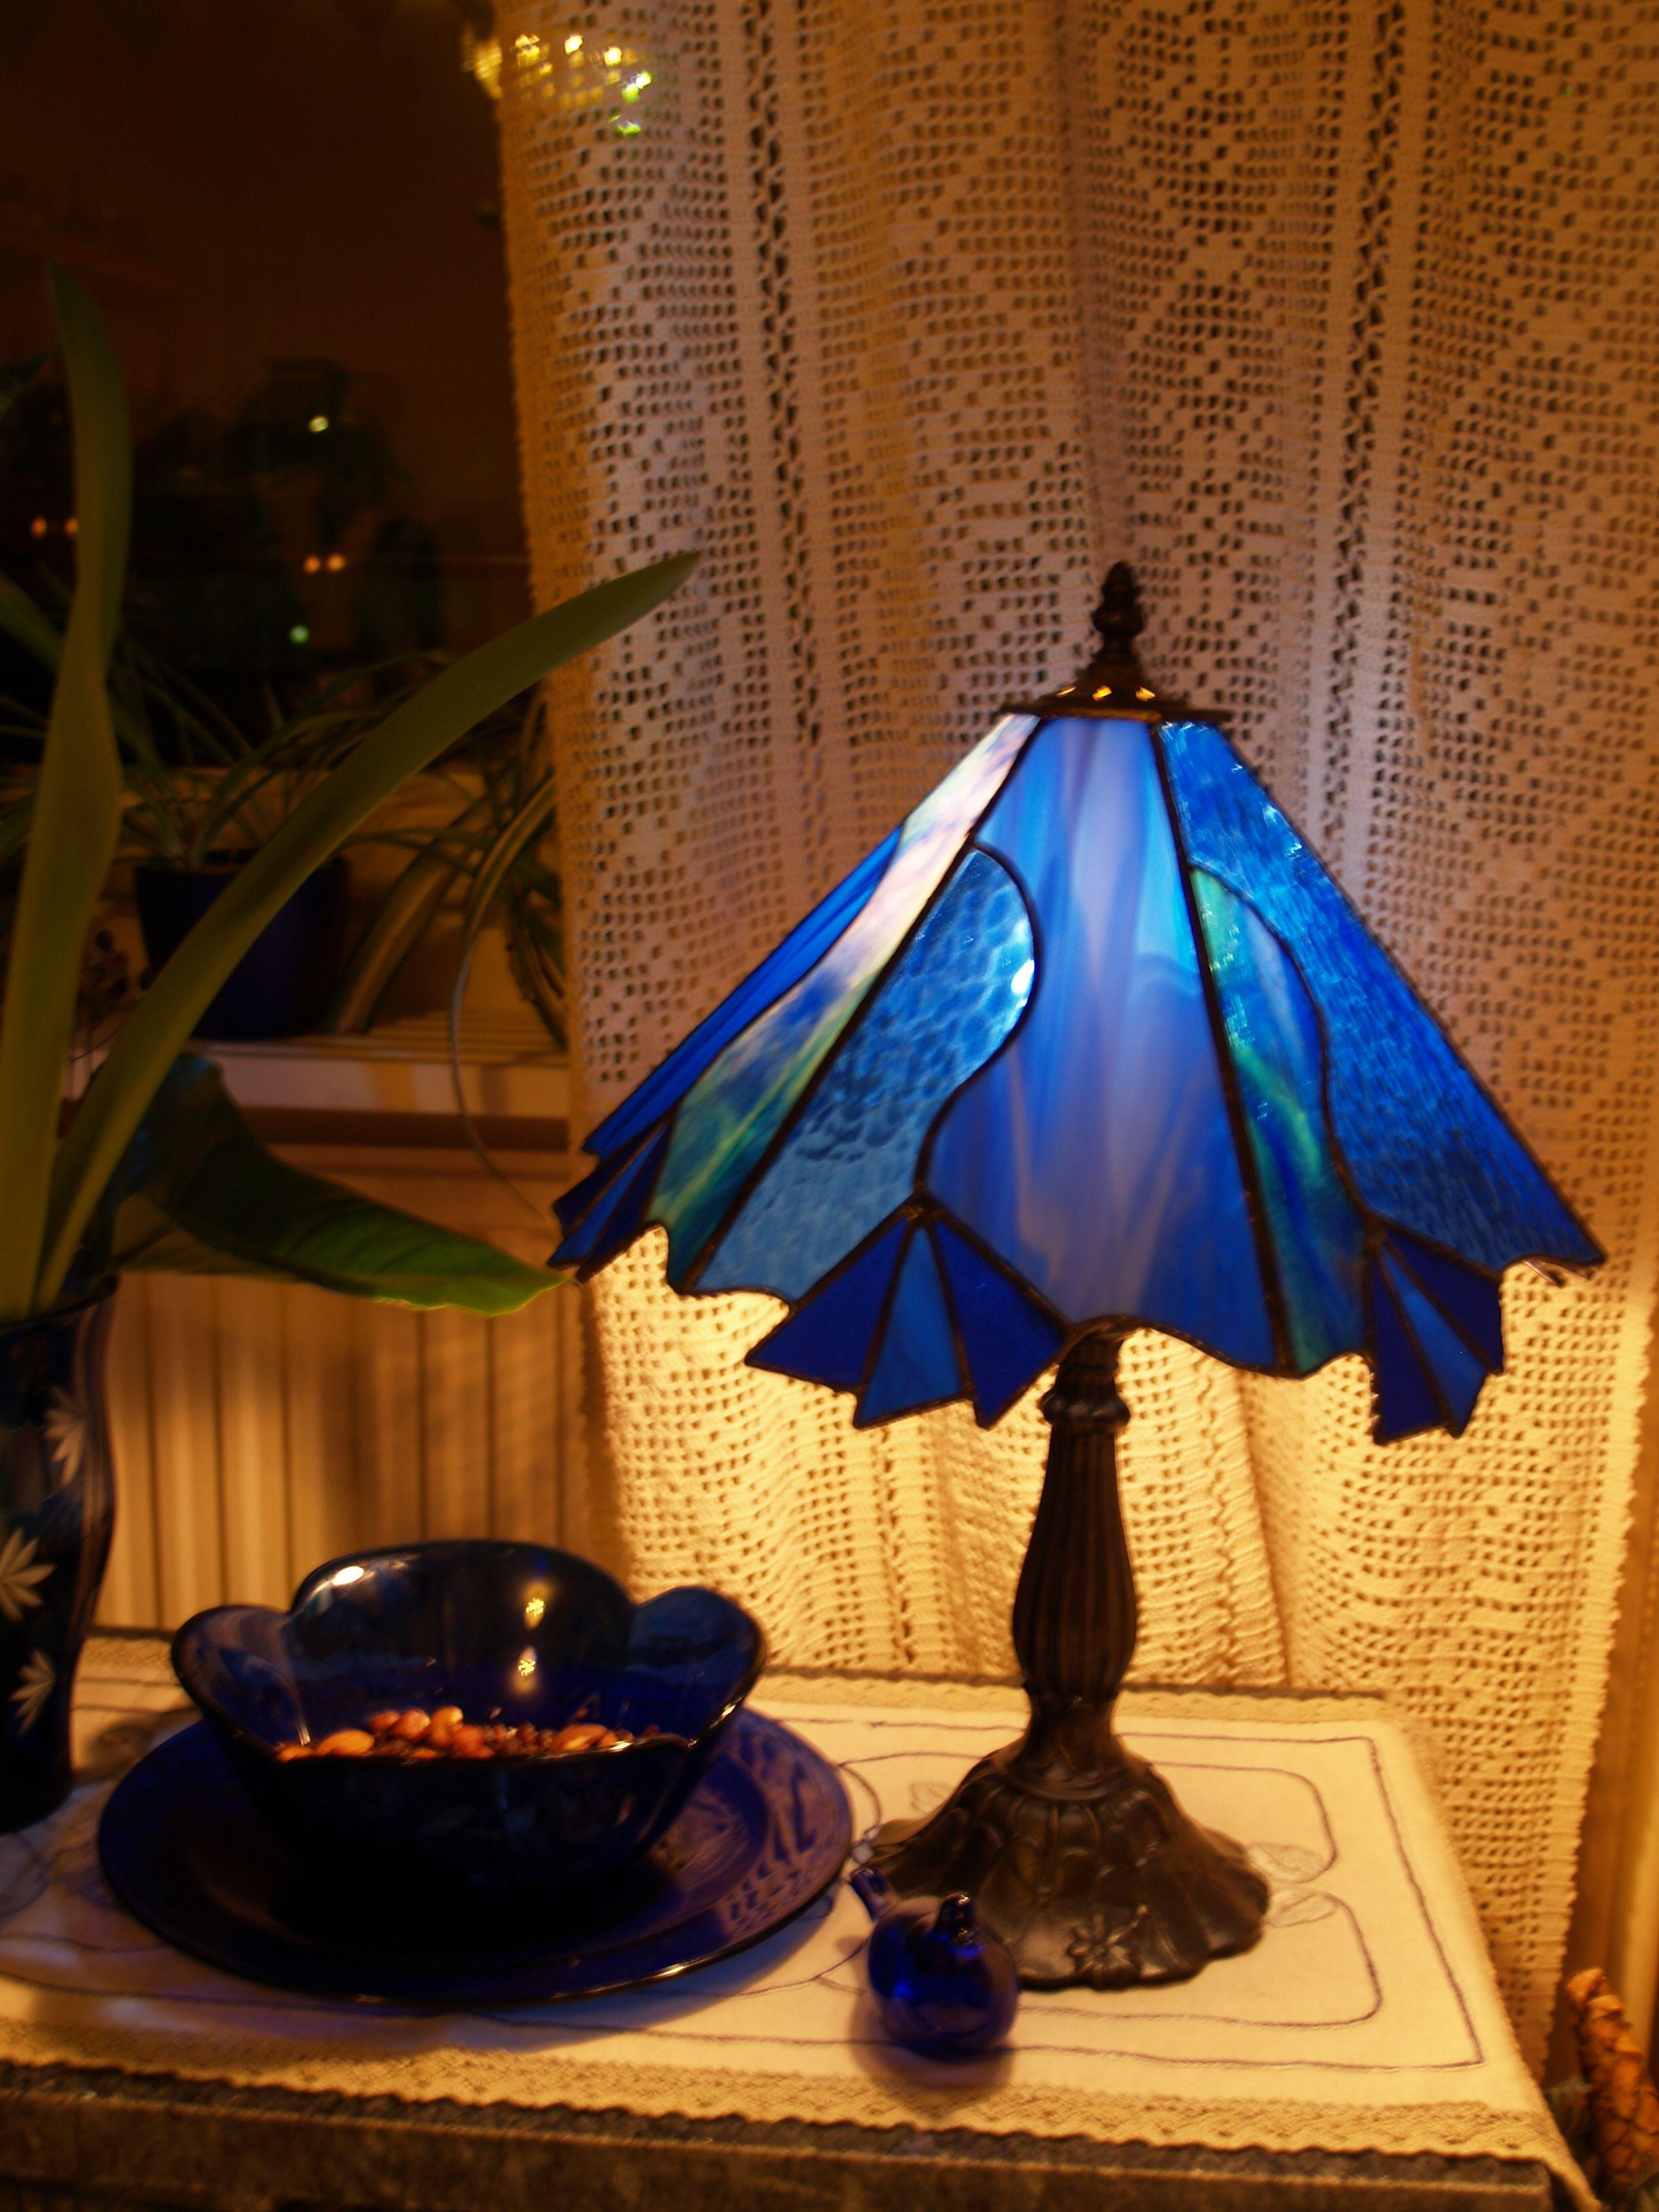 Sininen pöytälamppu, tiffanytekniikka